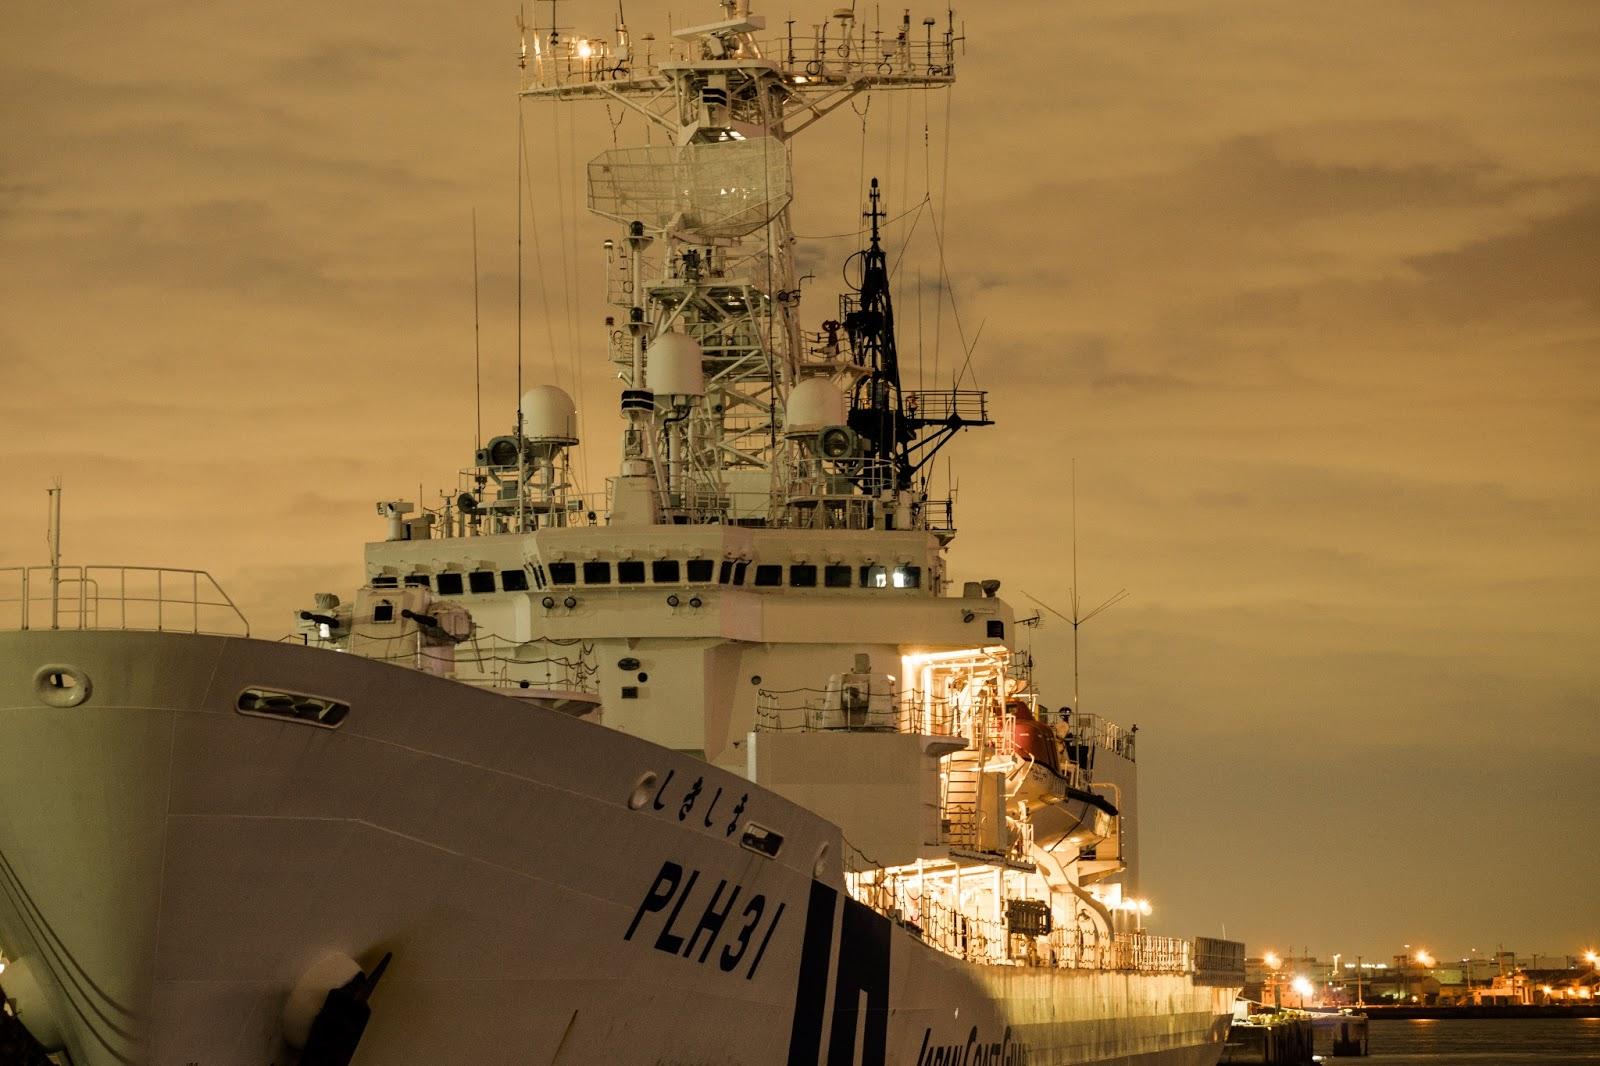 巡視船「しきしま・PLH31」の写真